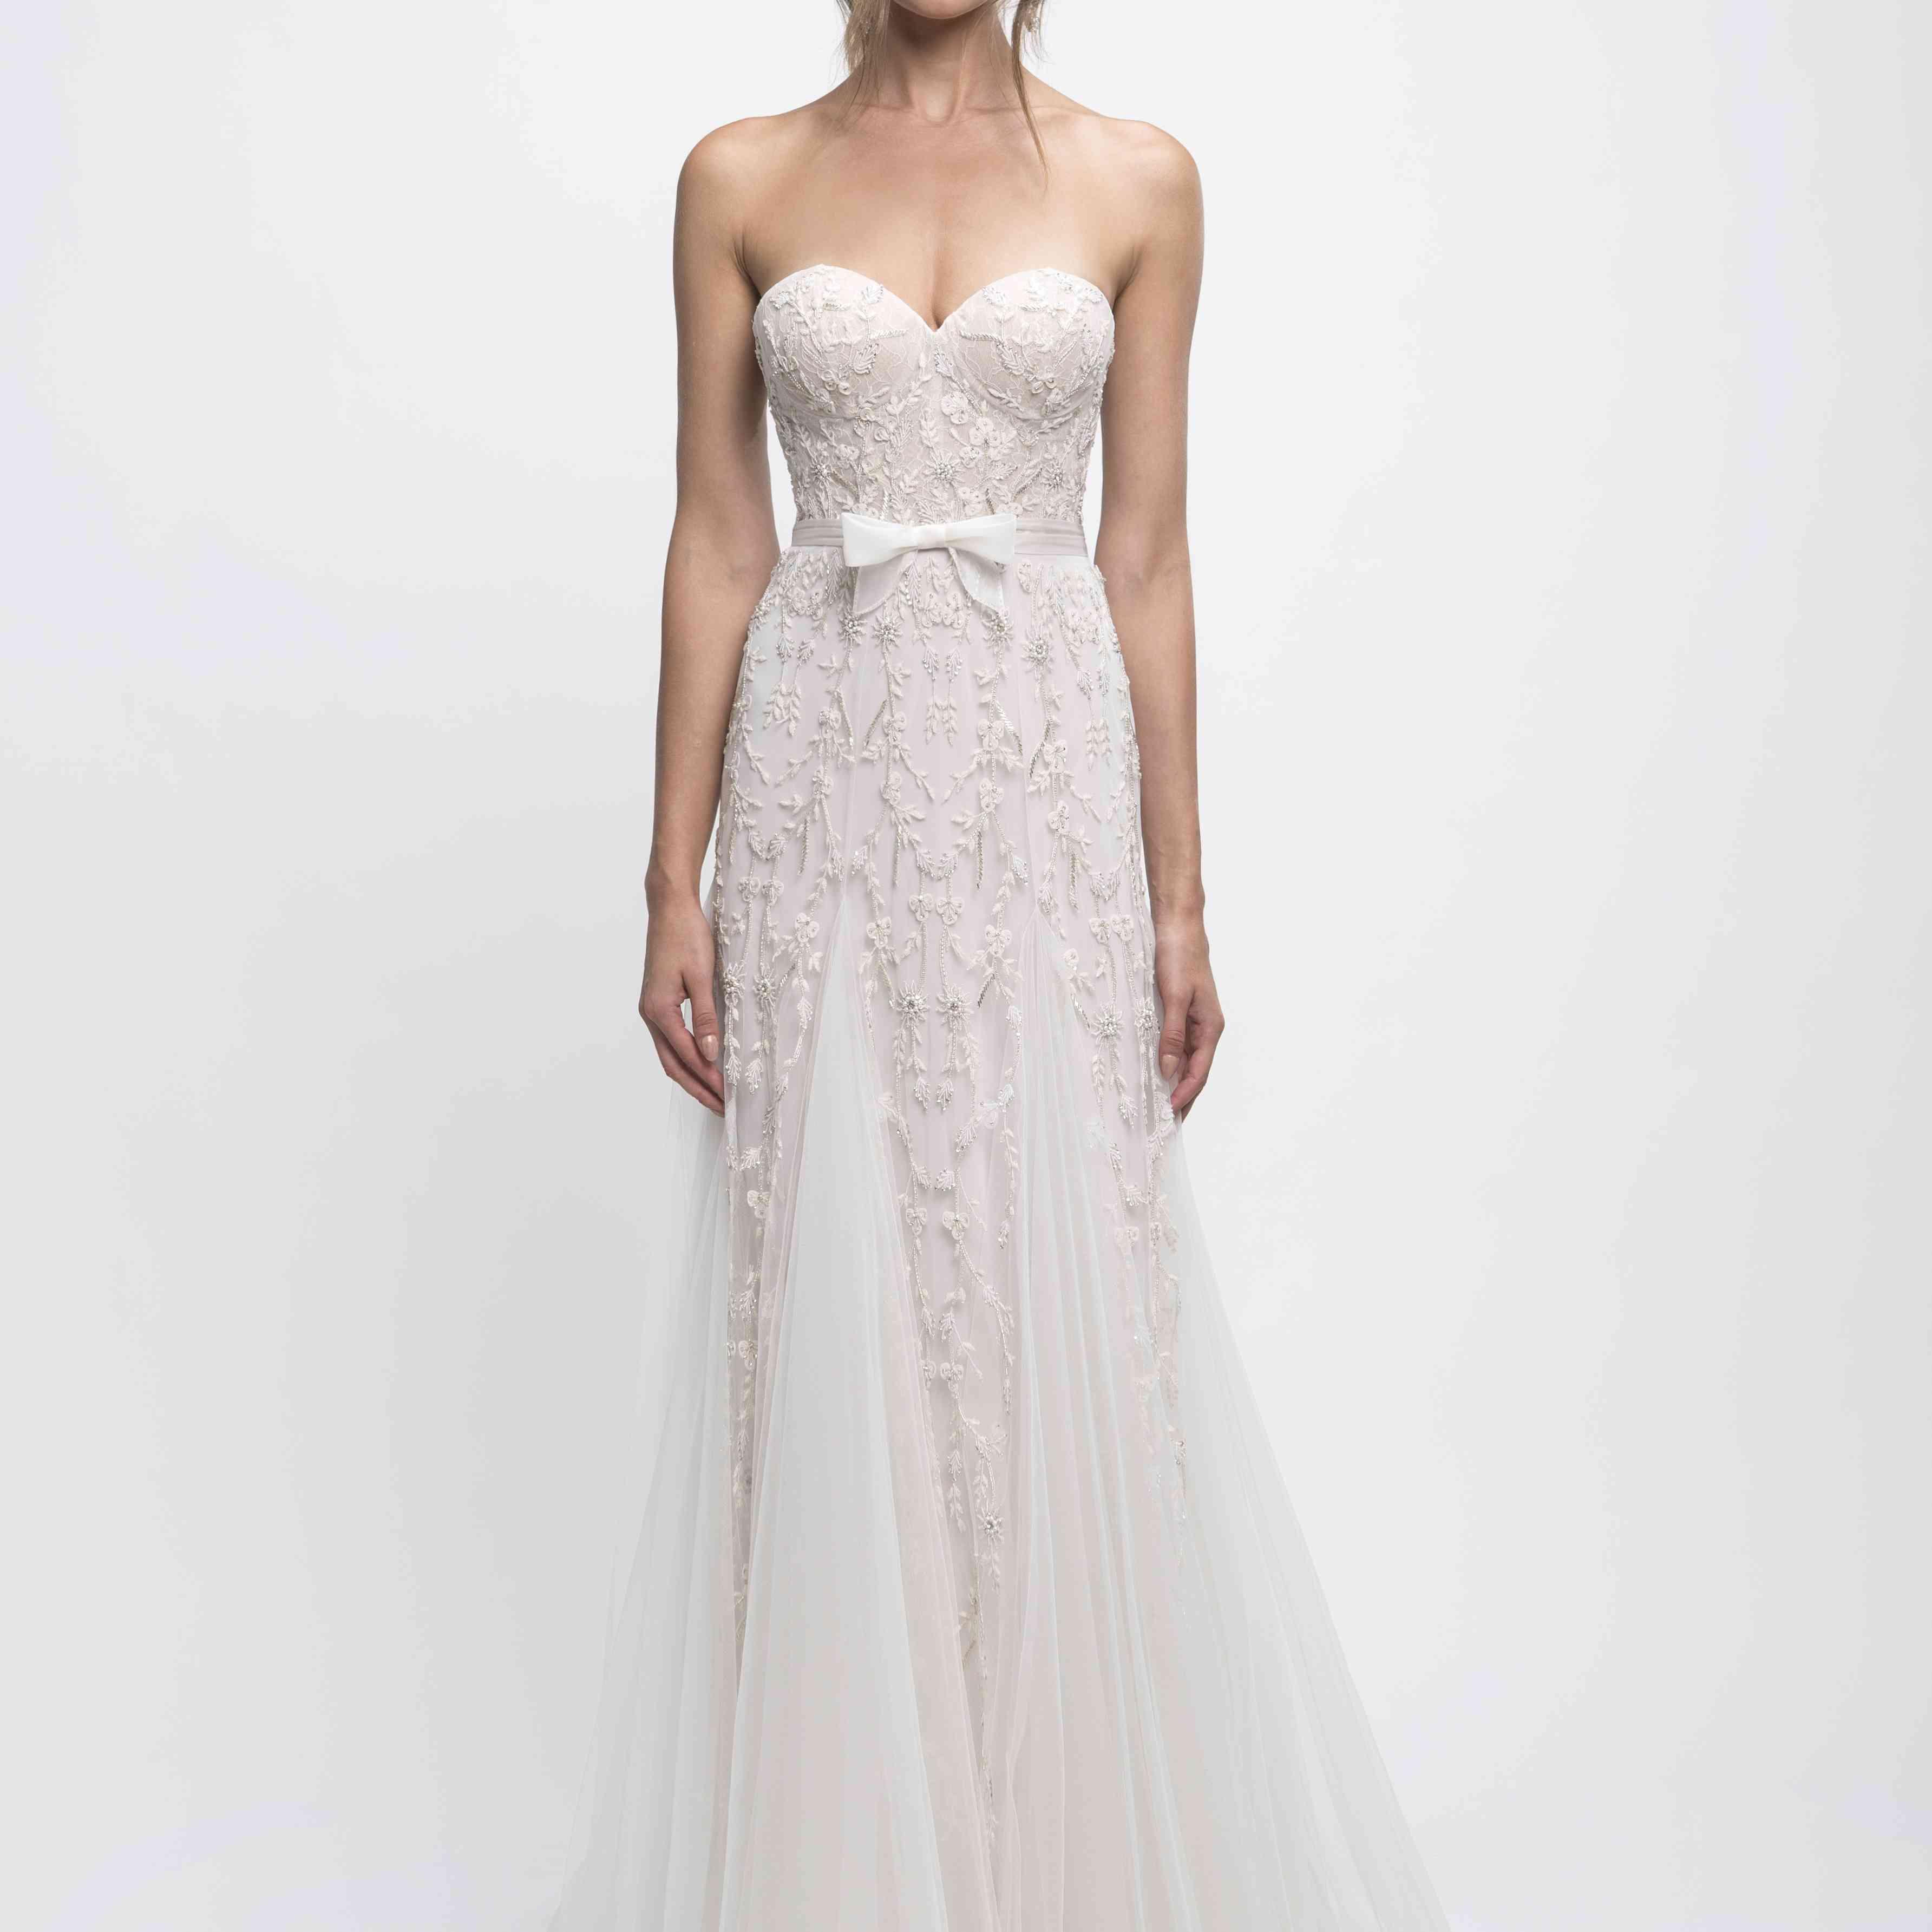 Michelle strapless wedding dress